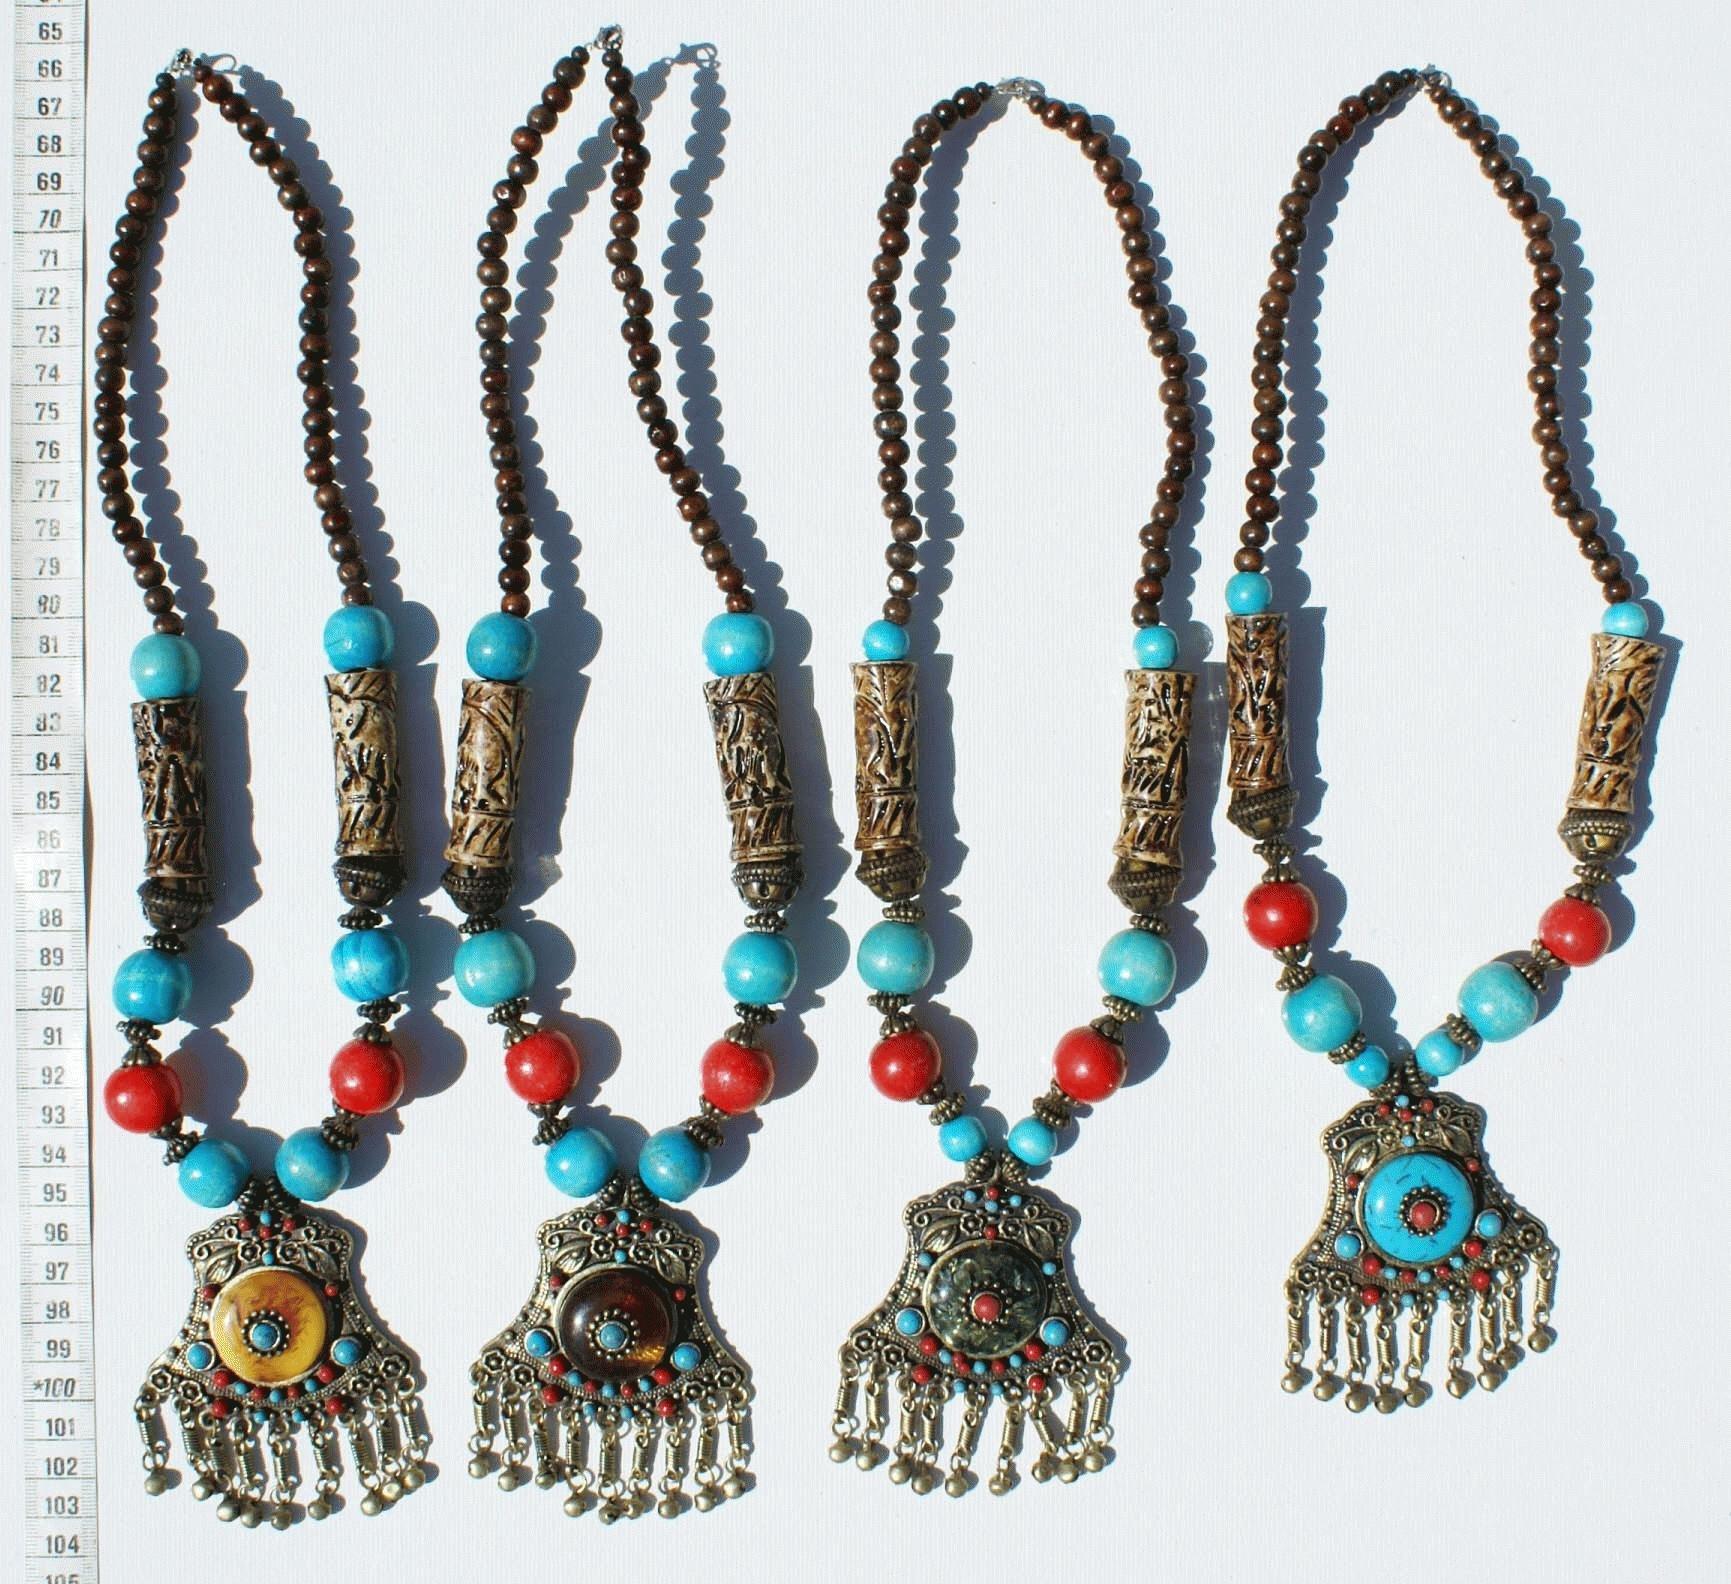 2b477bc62 Mnoho 4 náhrdelníky kovové asijské, orientální šperky, výrobky z tibetu  velkoobchodní umění